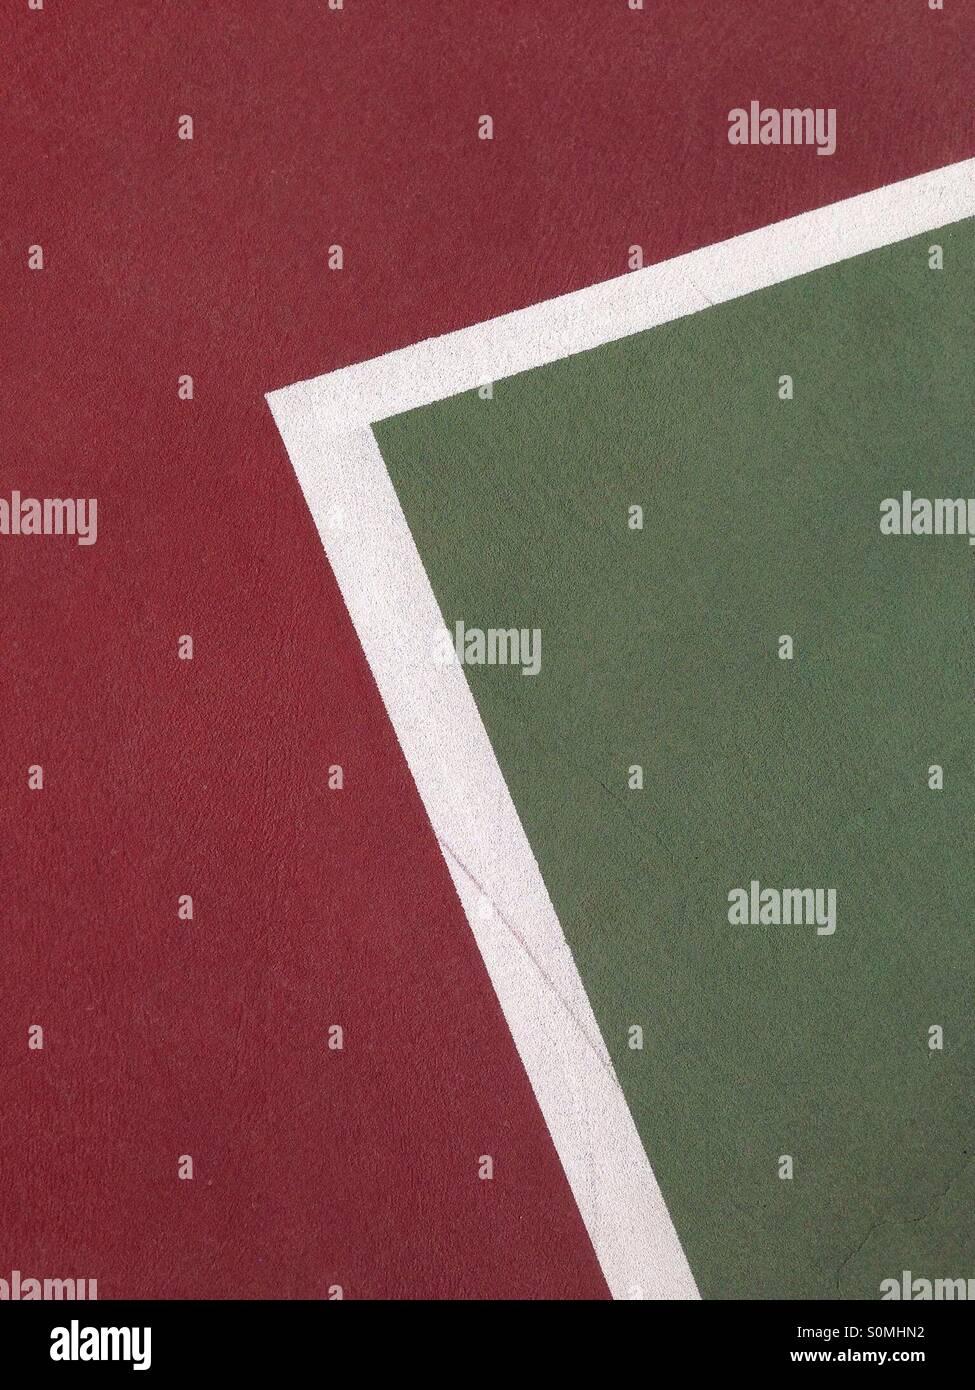 Resumen Las líneas en una cancha de tenis Imagen De Stock